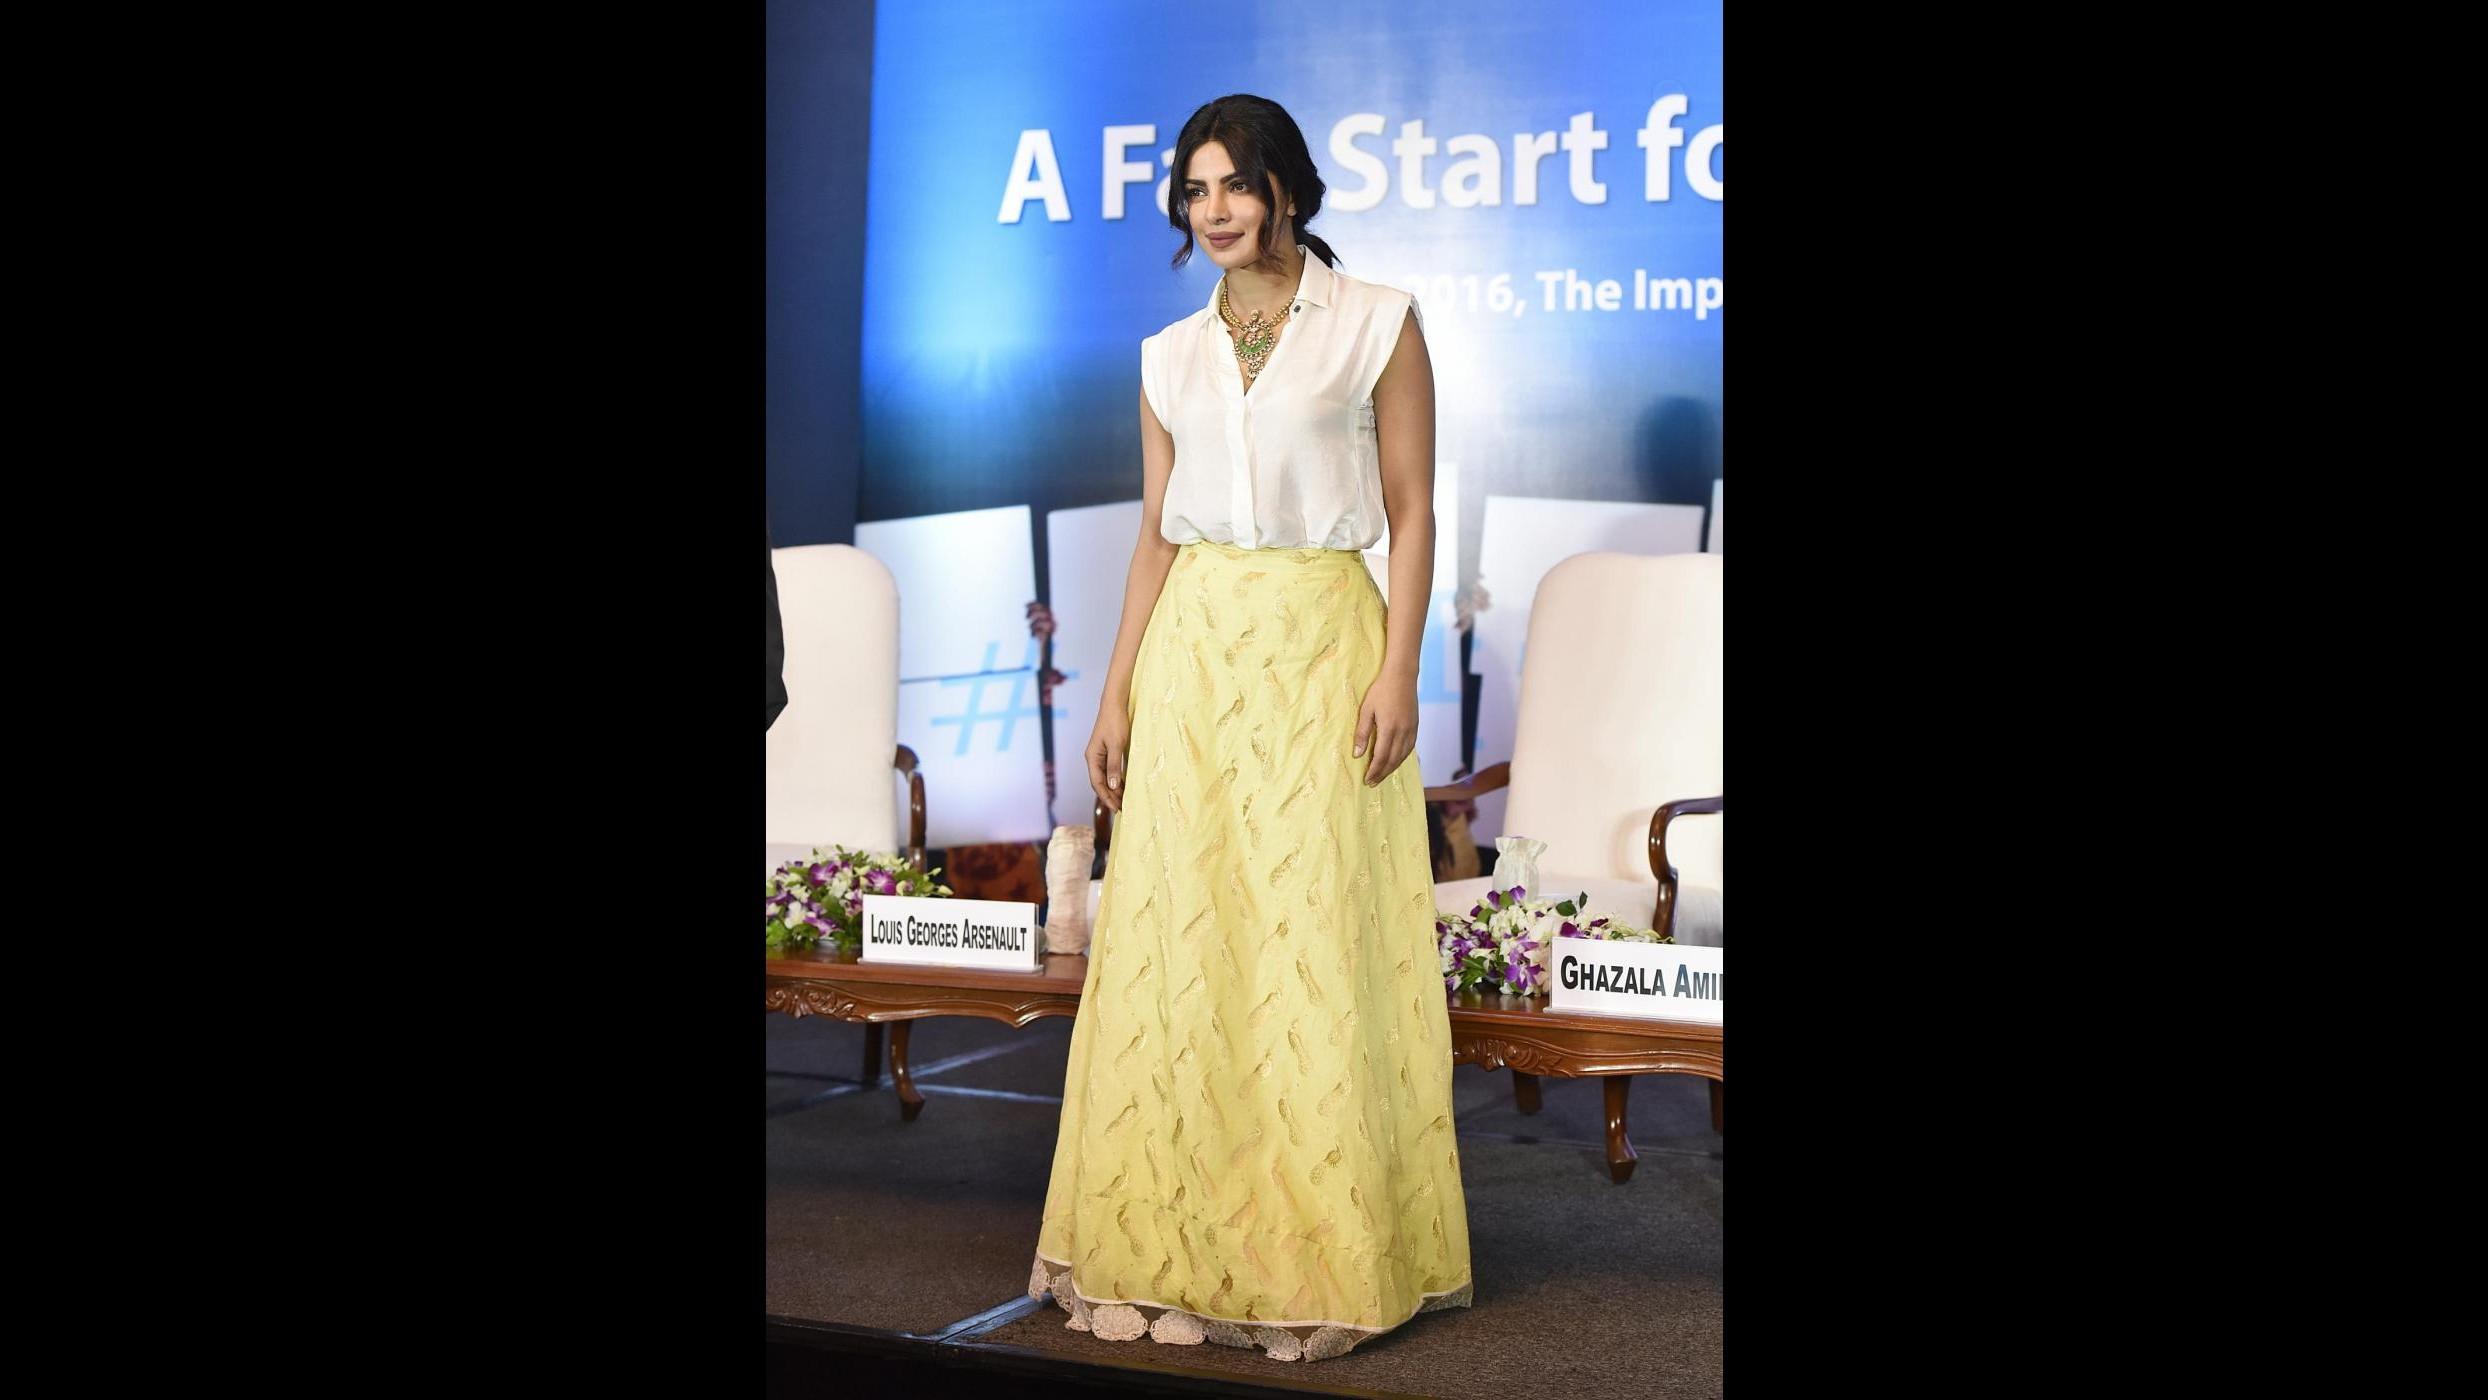 FOTO La star di Bollywood Priyanka Chopra ambasciatrice Unicef